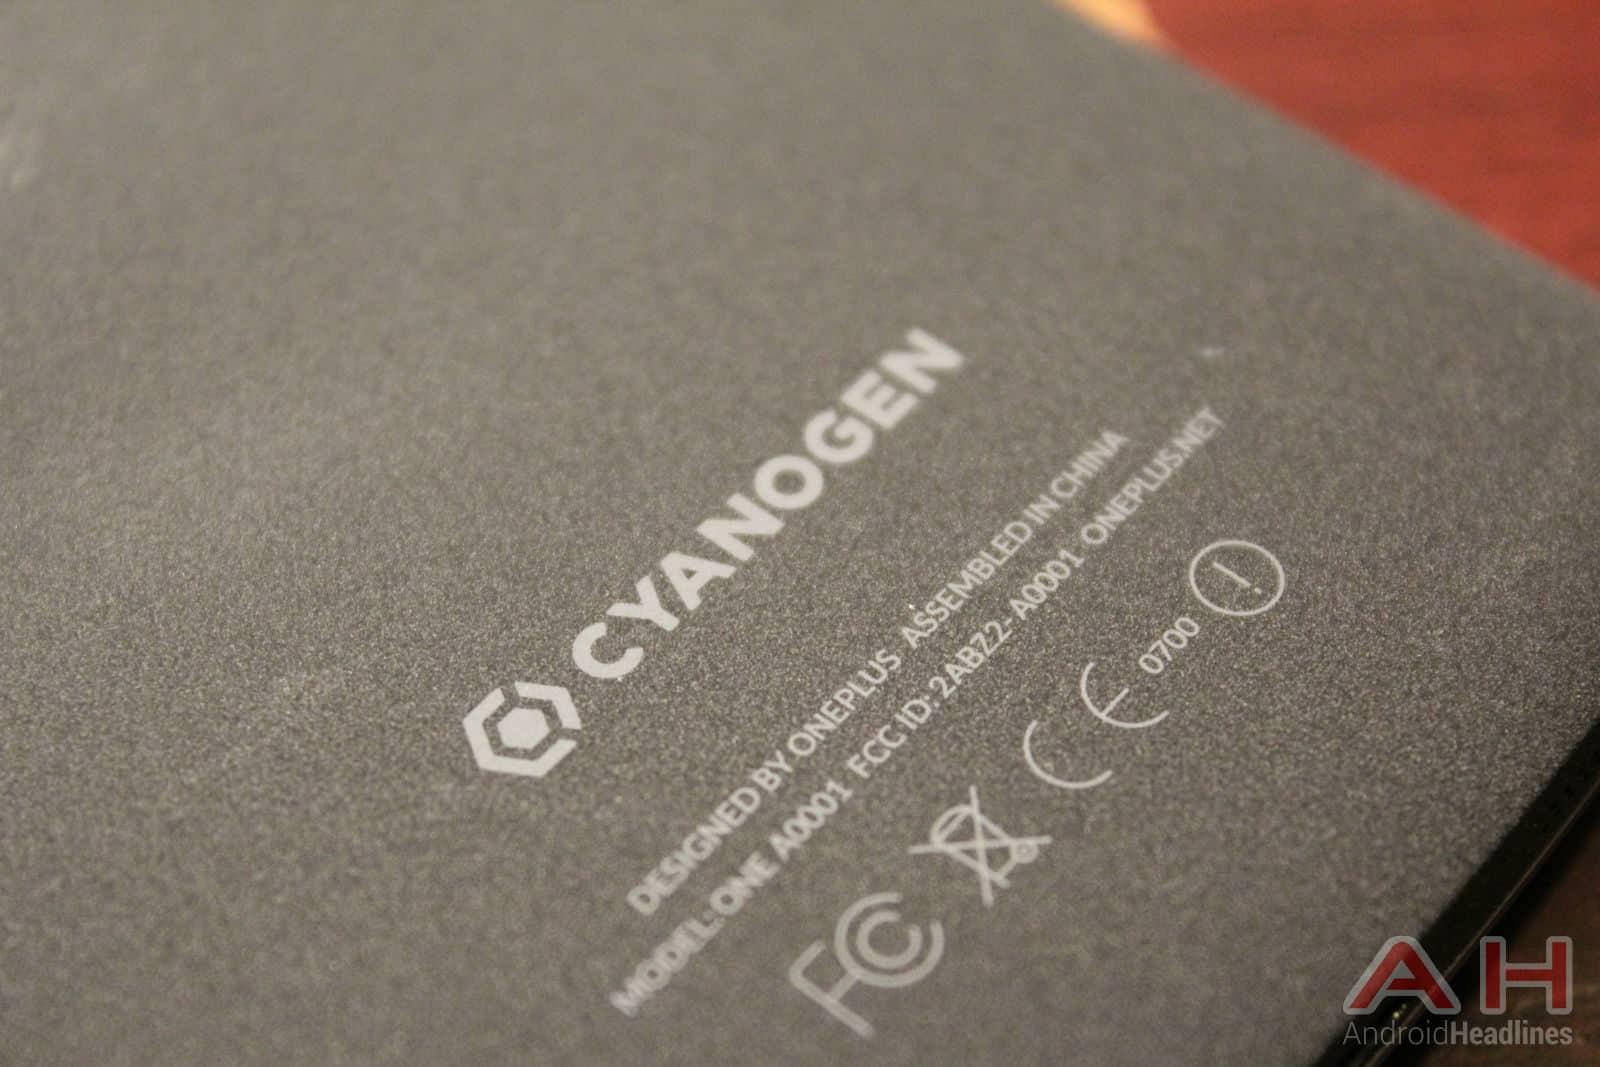 OnePlus-One-Cyanogen